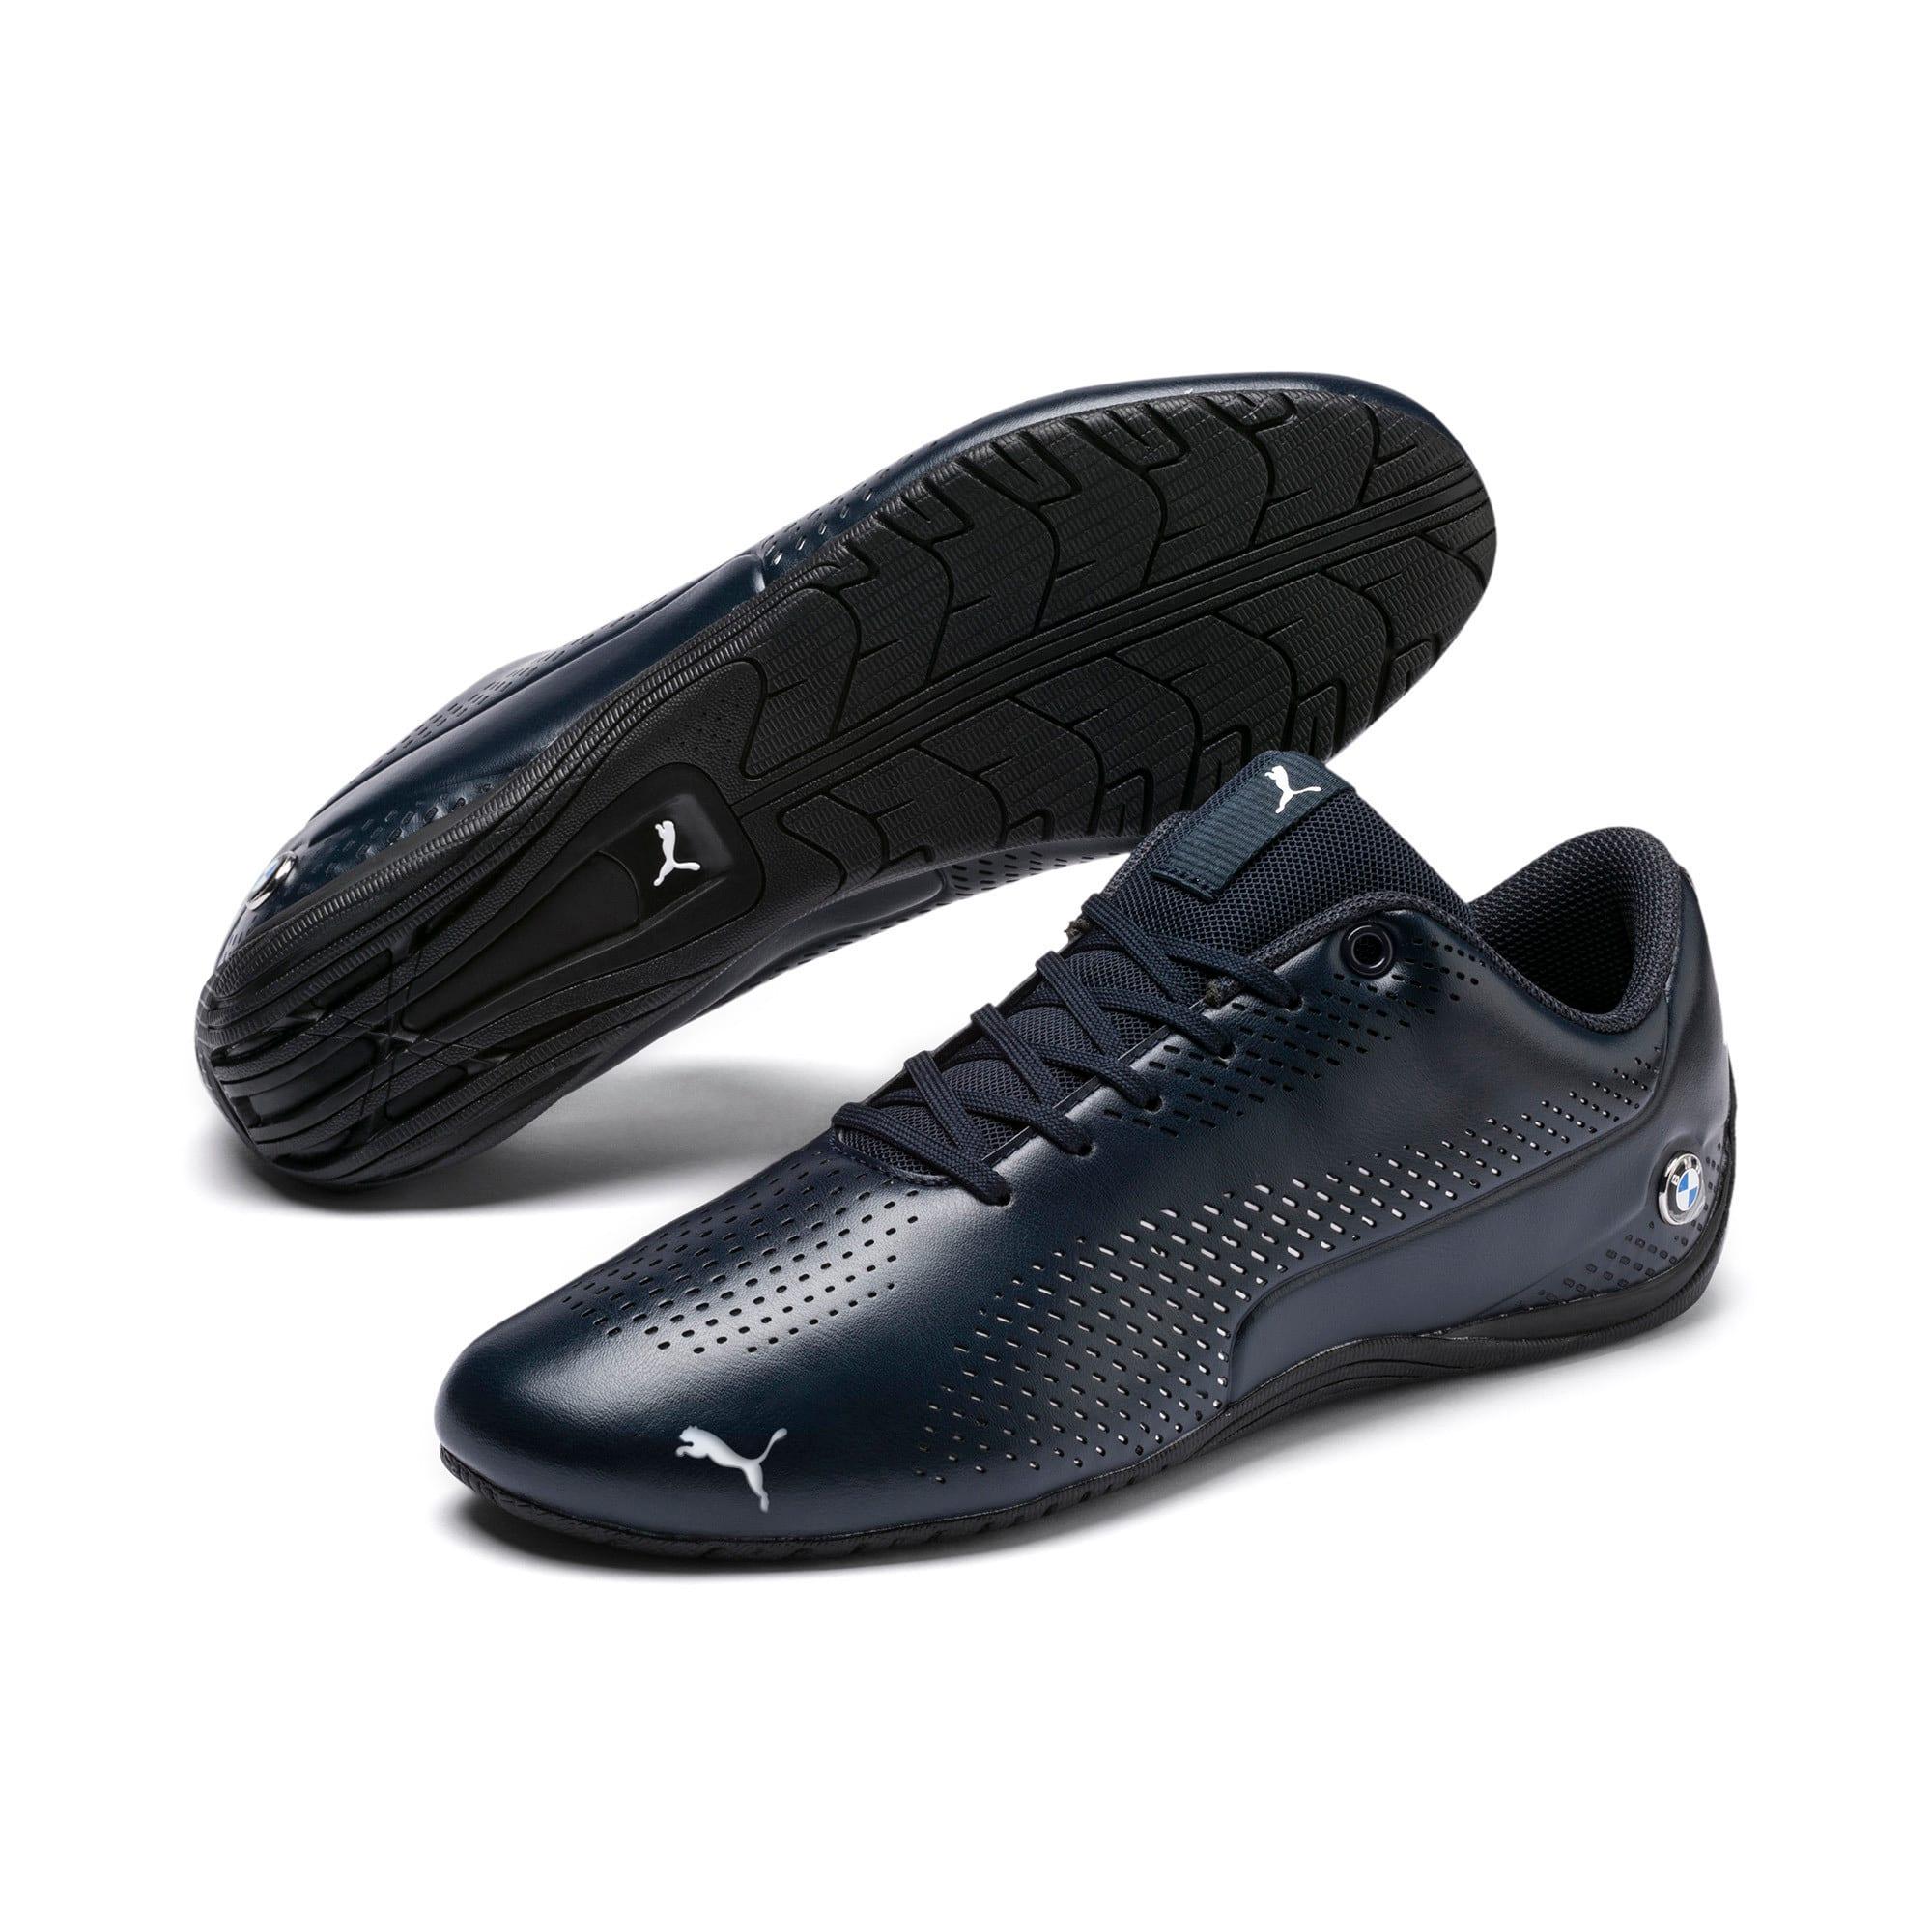 2bmw scarpe puma